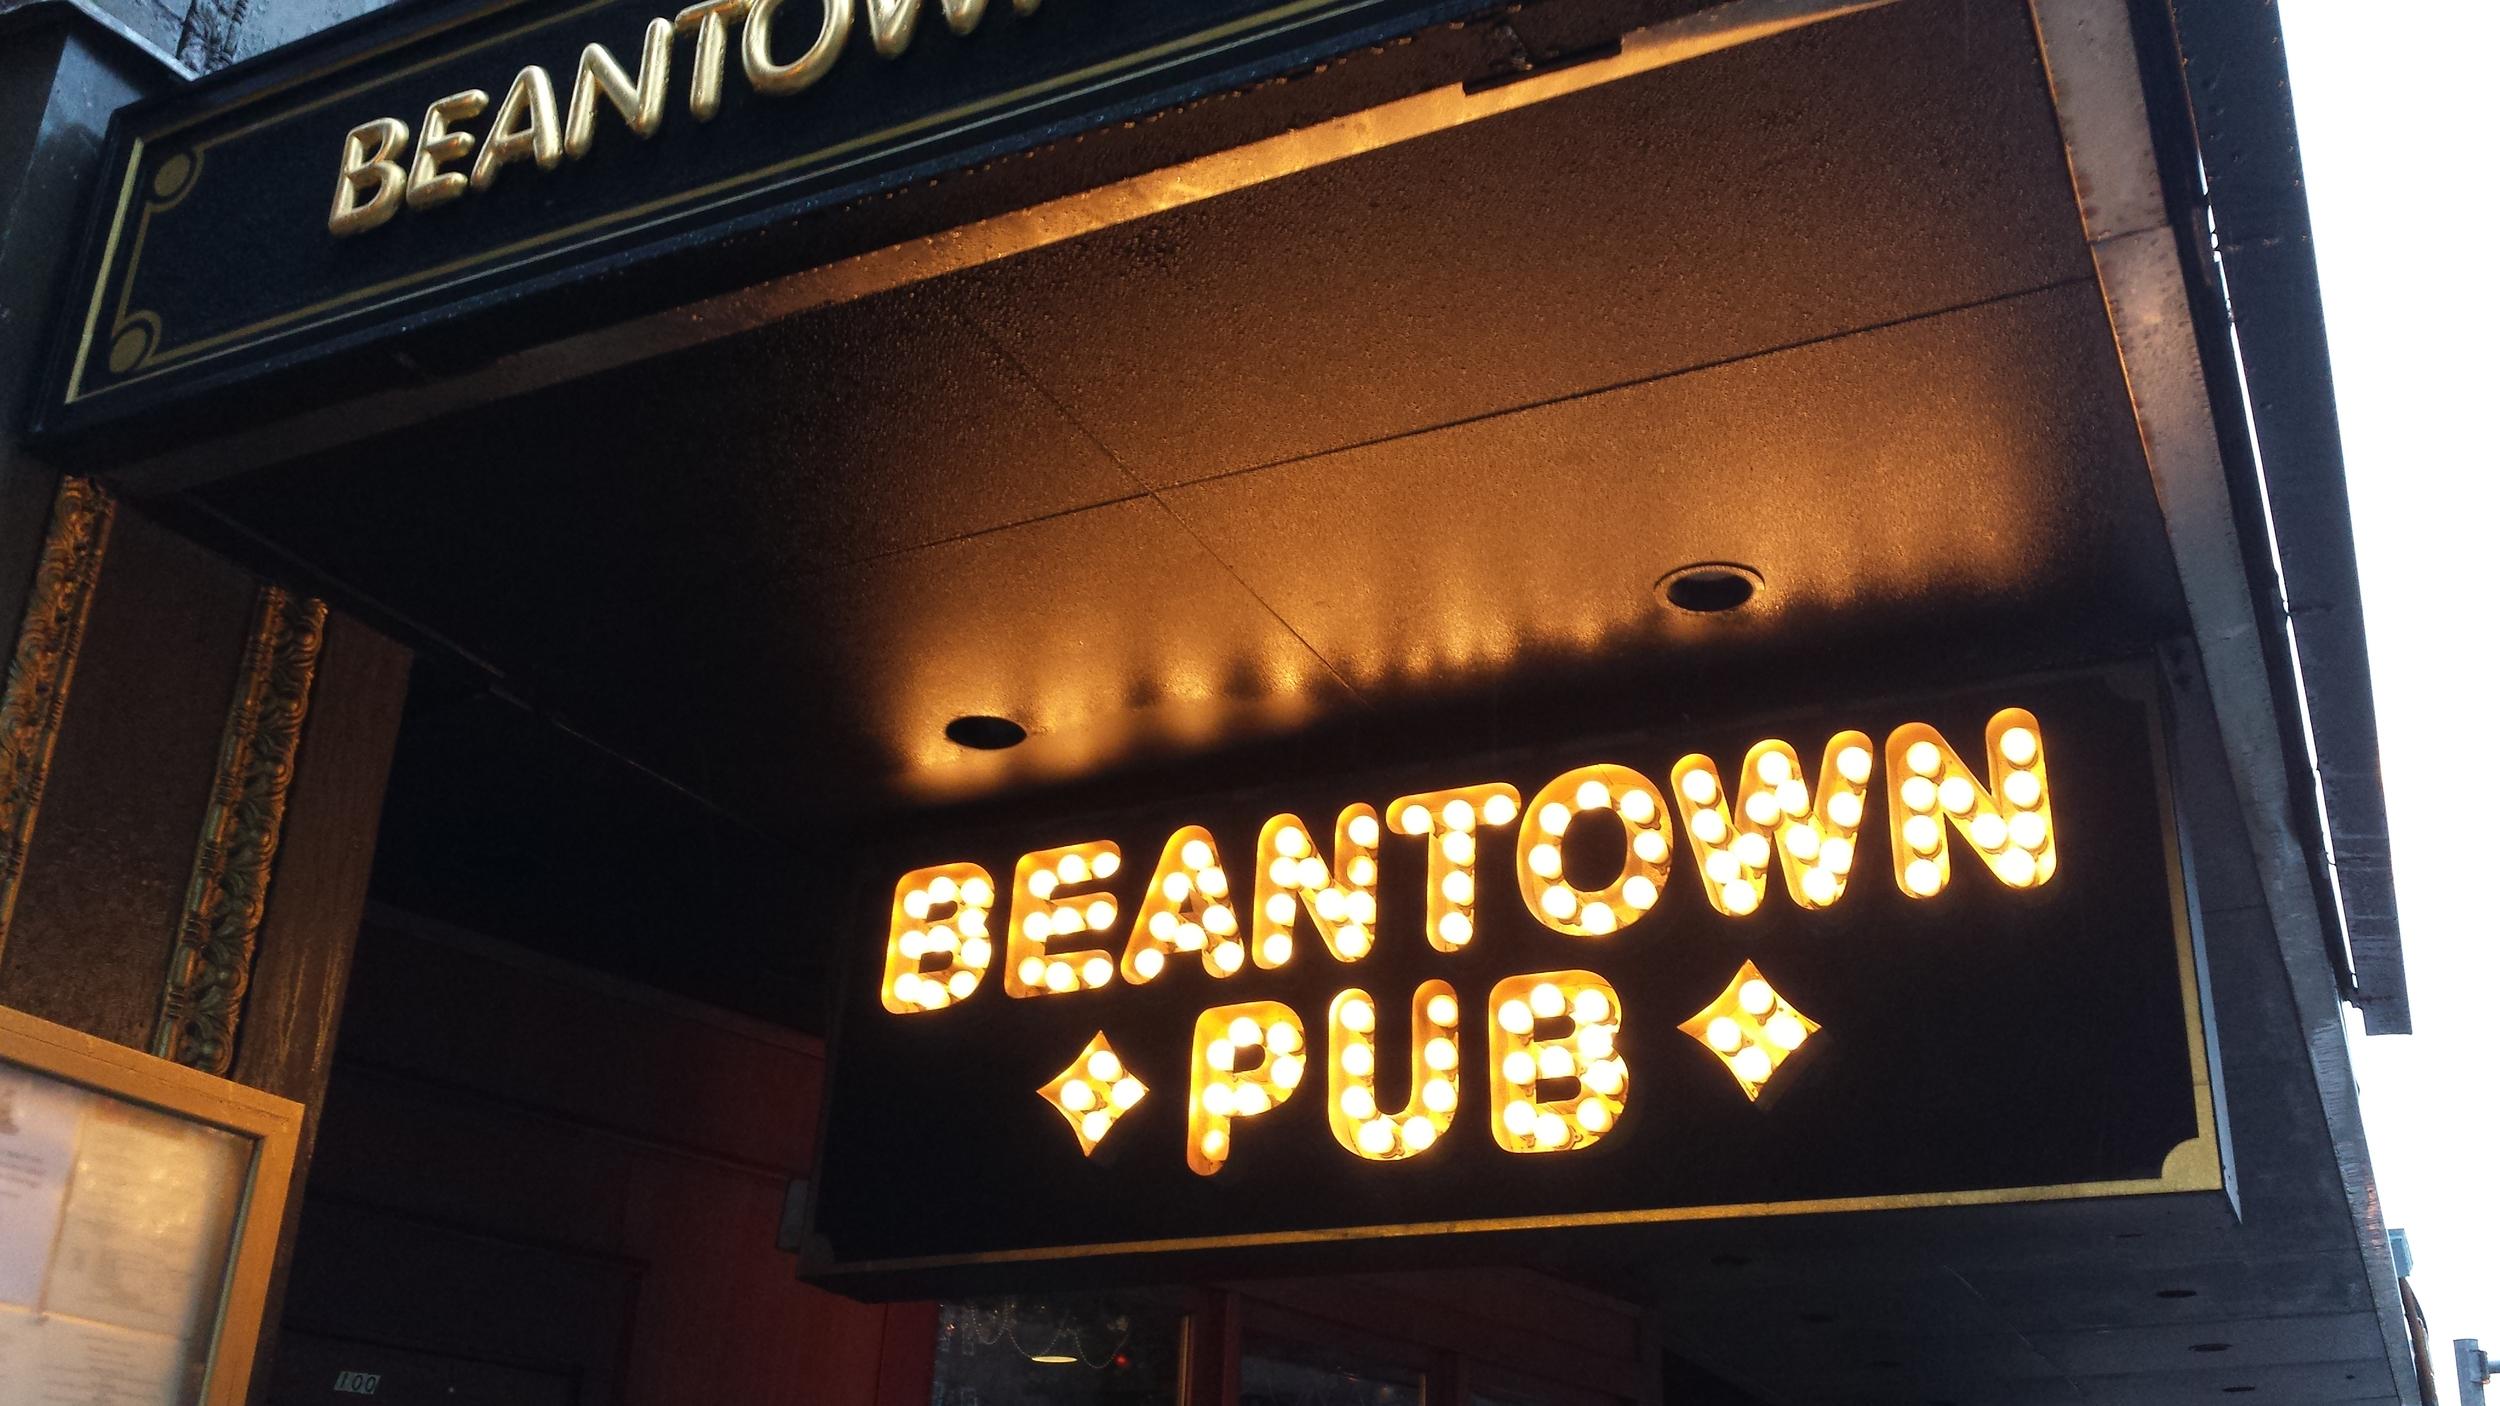 Beantown Pub near BEAM